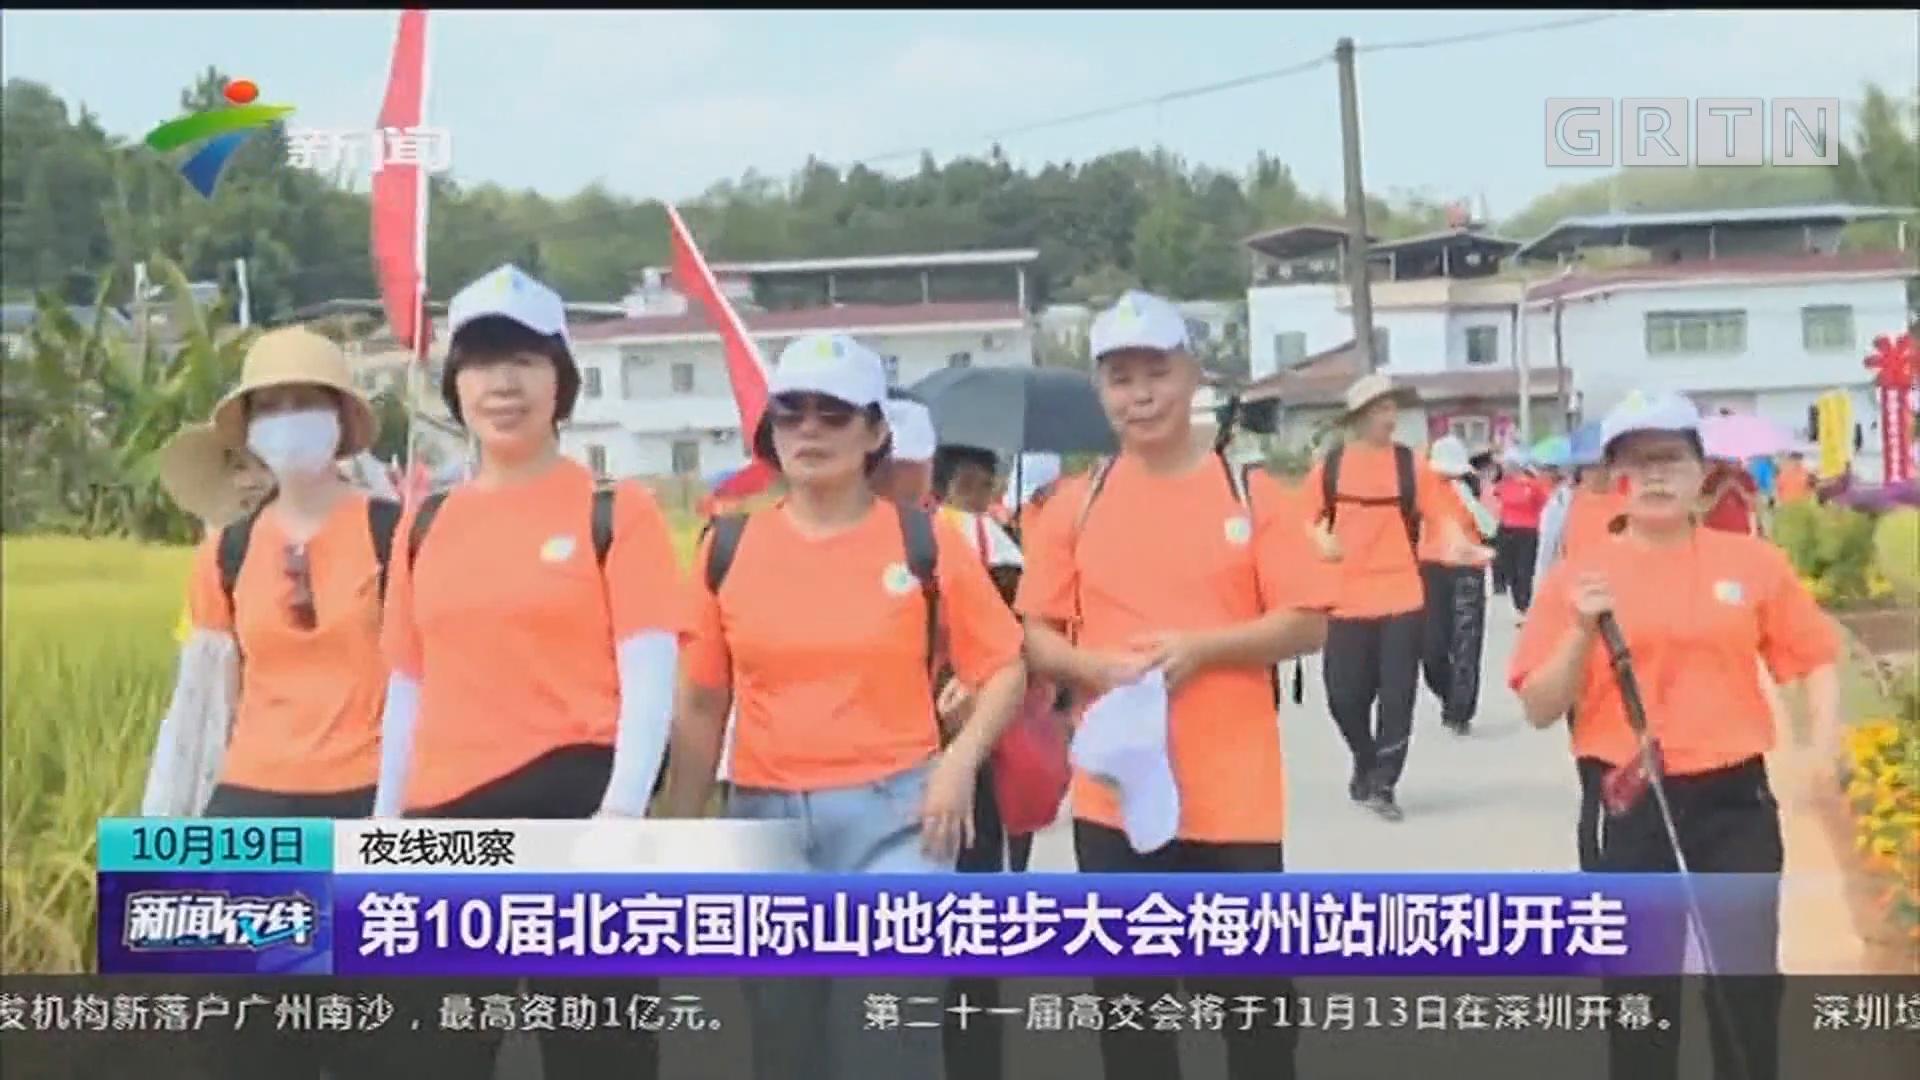 第10届北京国际山地徒步大会梅州站顺利开走